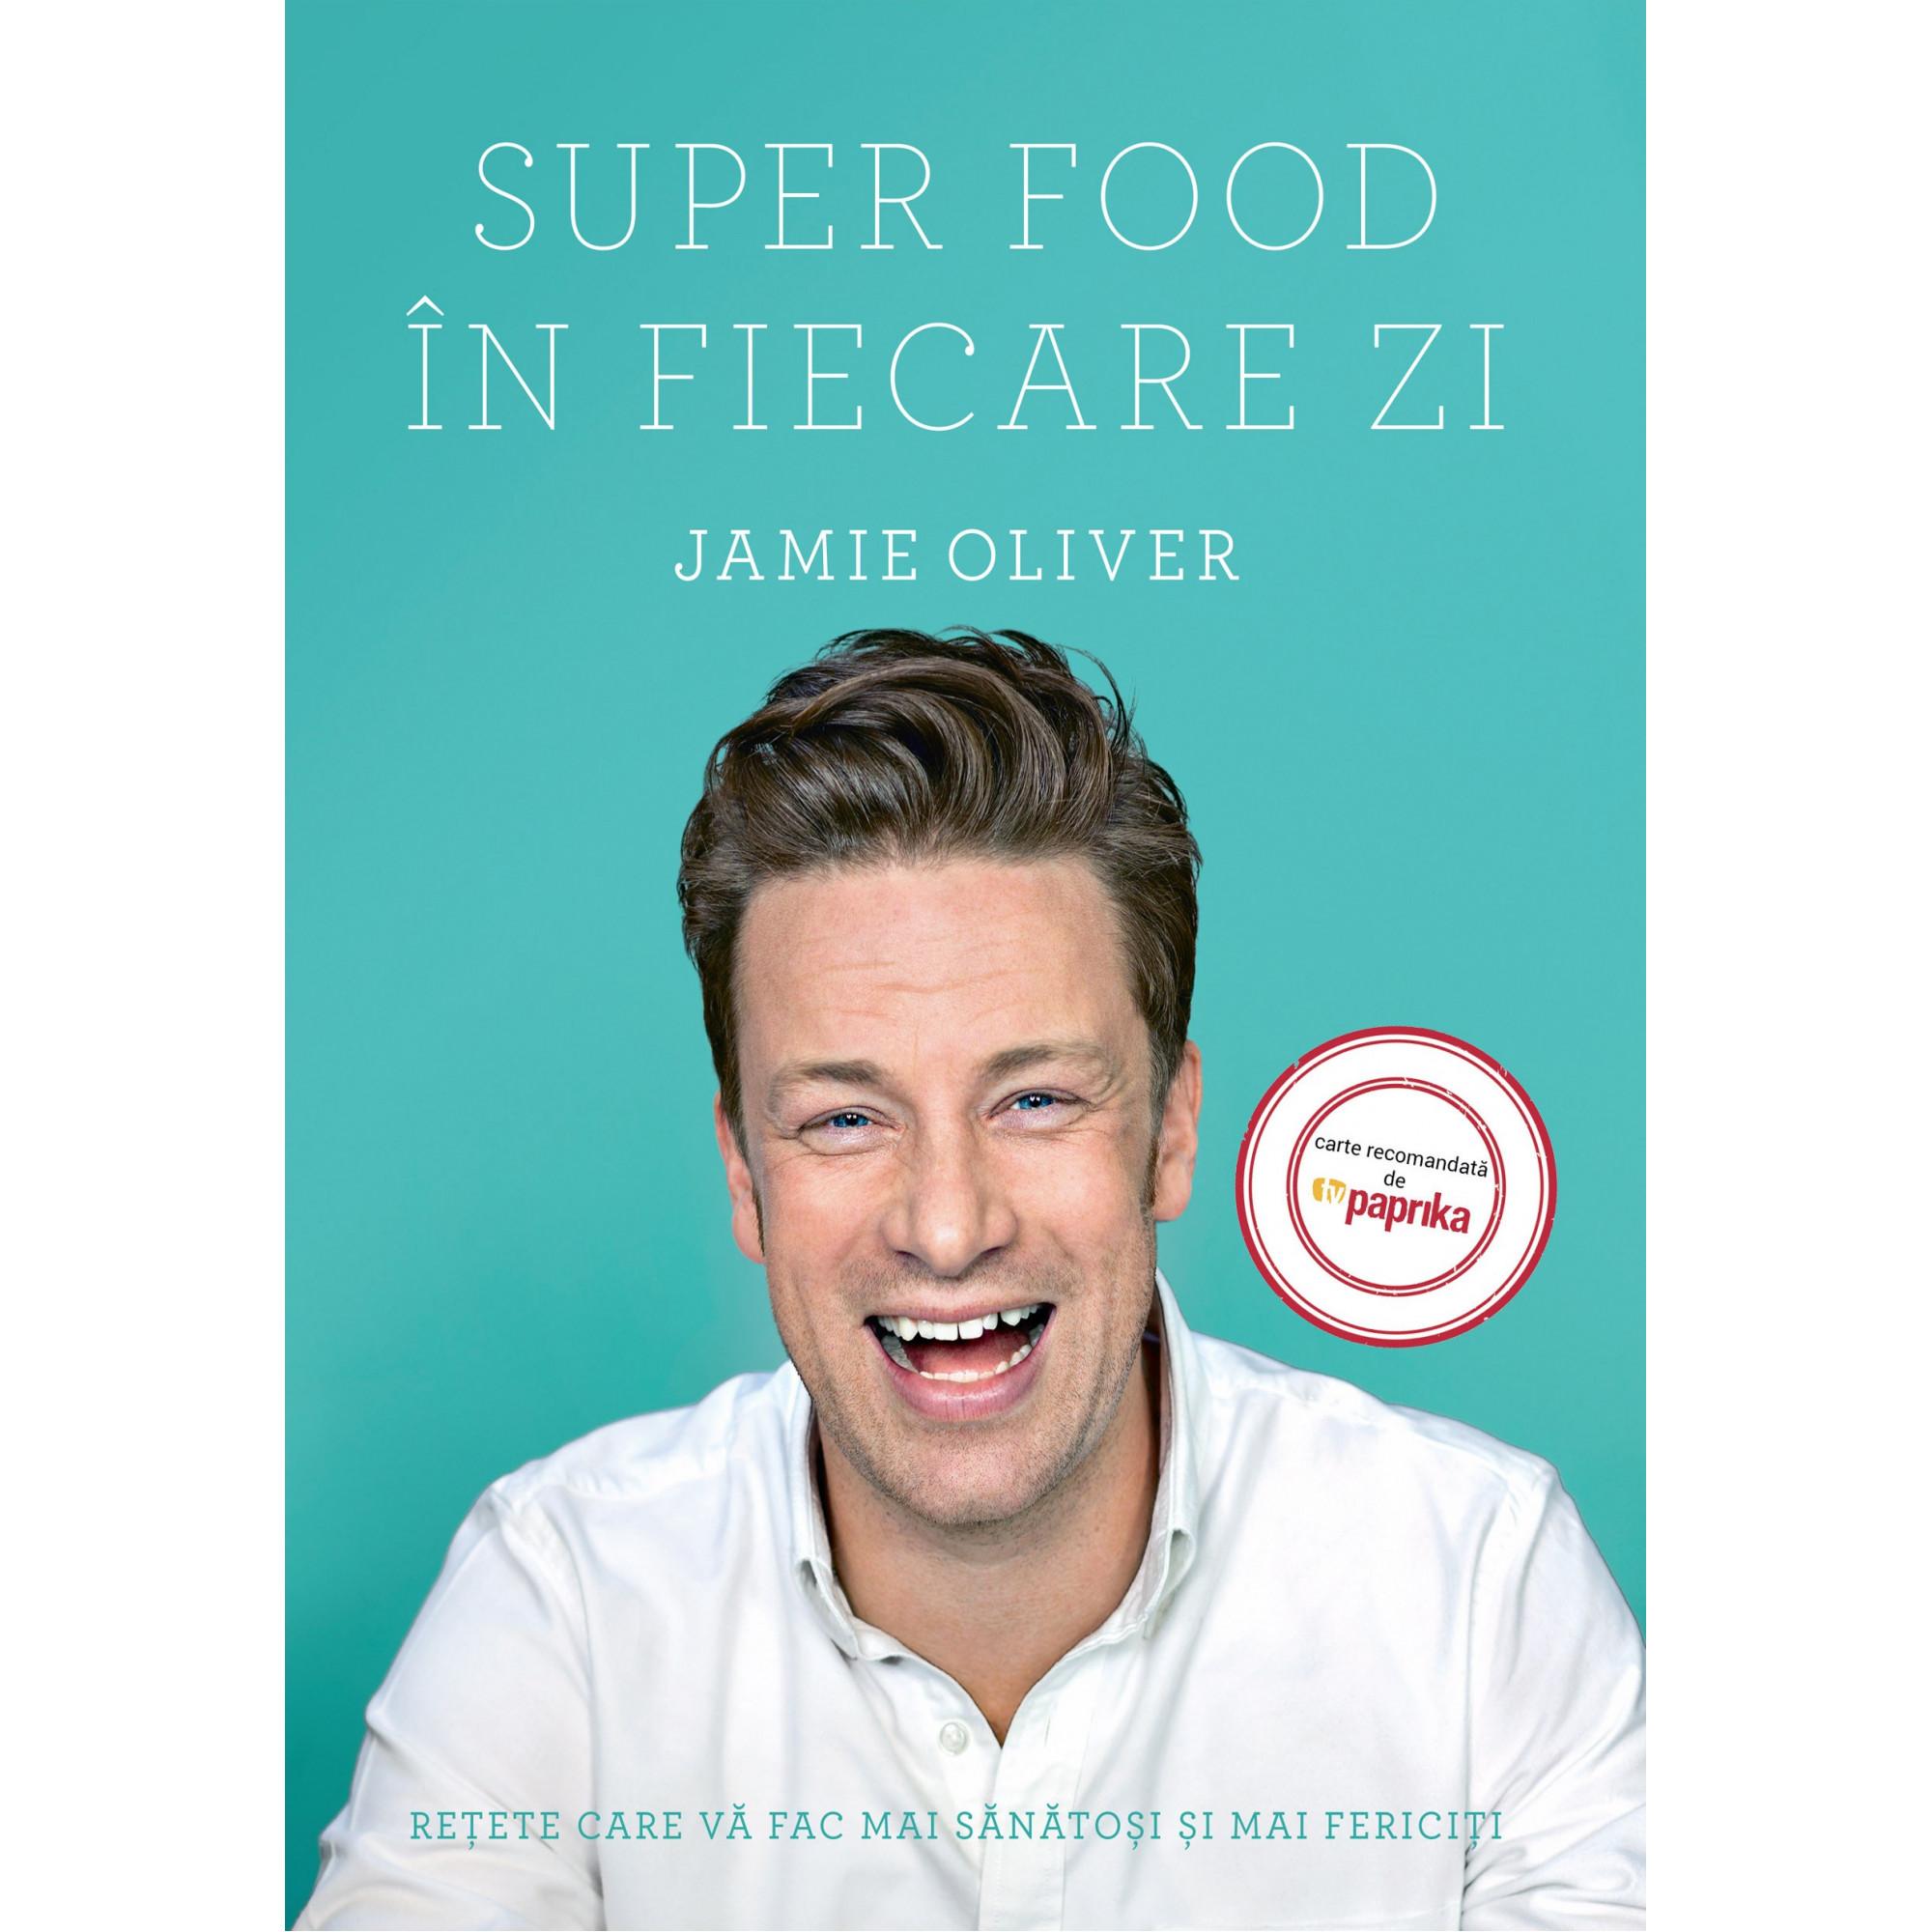 Super Food în fiecare zi. Rețete care vă fac mai sănătoși și mai fericiți